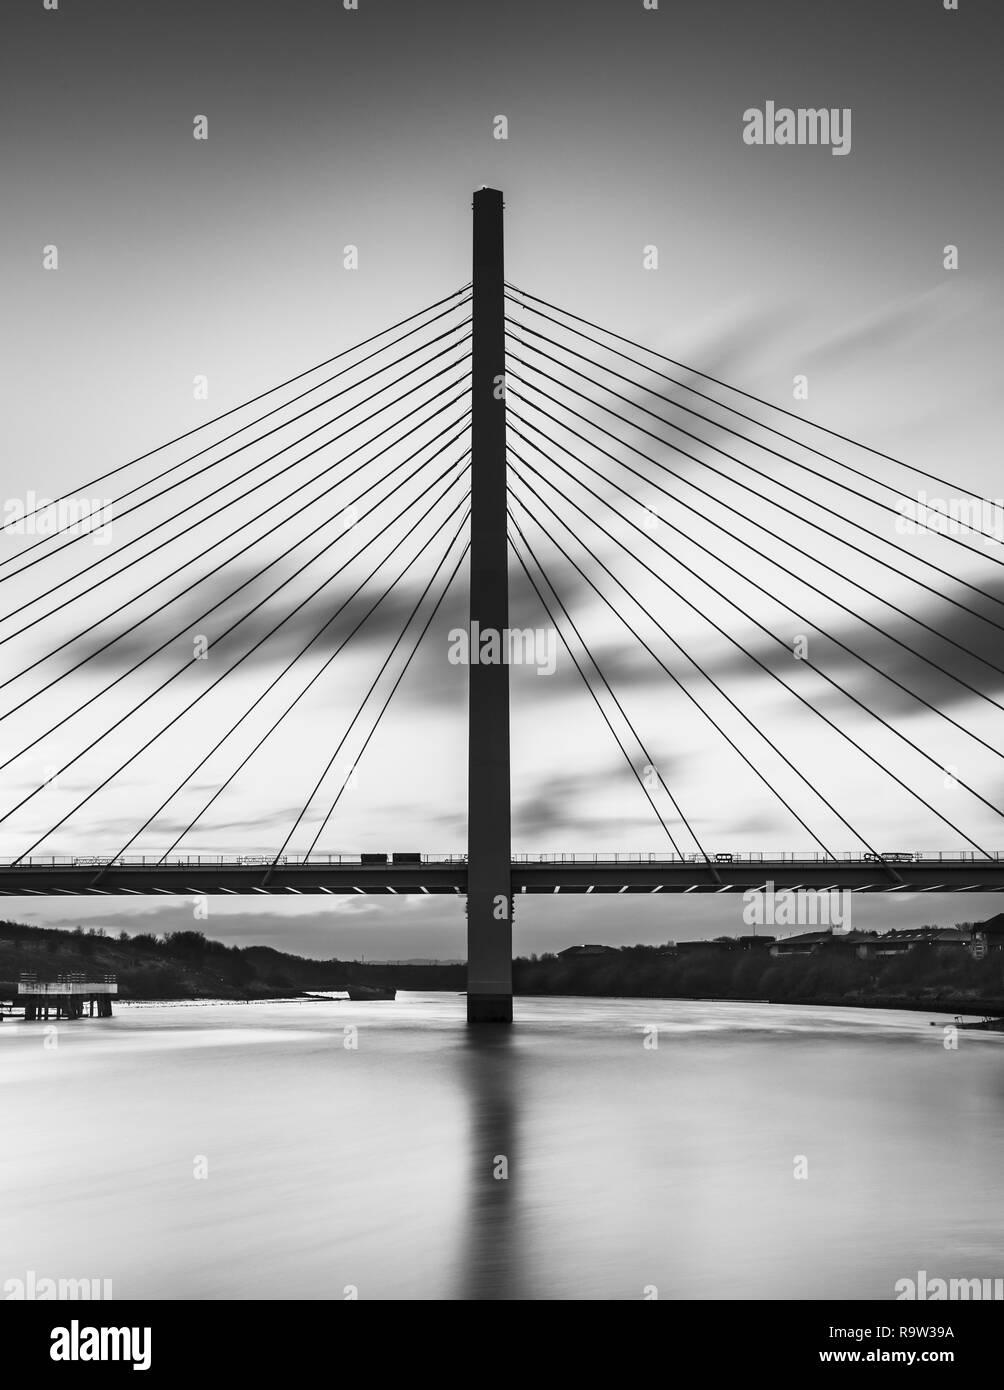 Un noir et blanc fine art longue exposition de la nouvelle flèche du nord du pont enjambant la rivière Wear à Sunderland. Banque D'Images